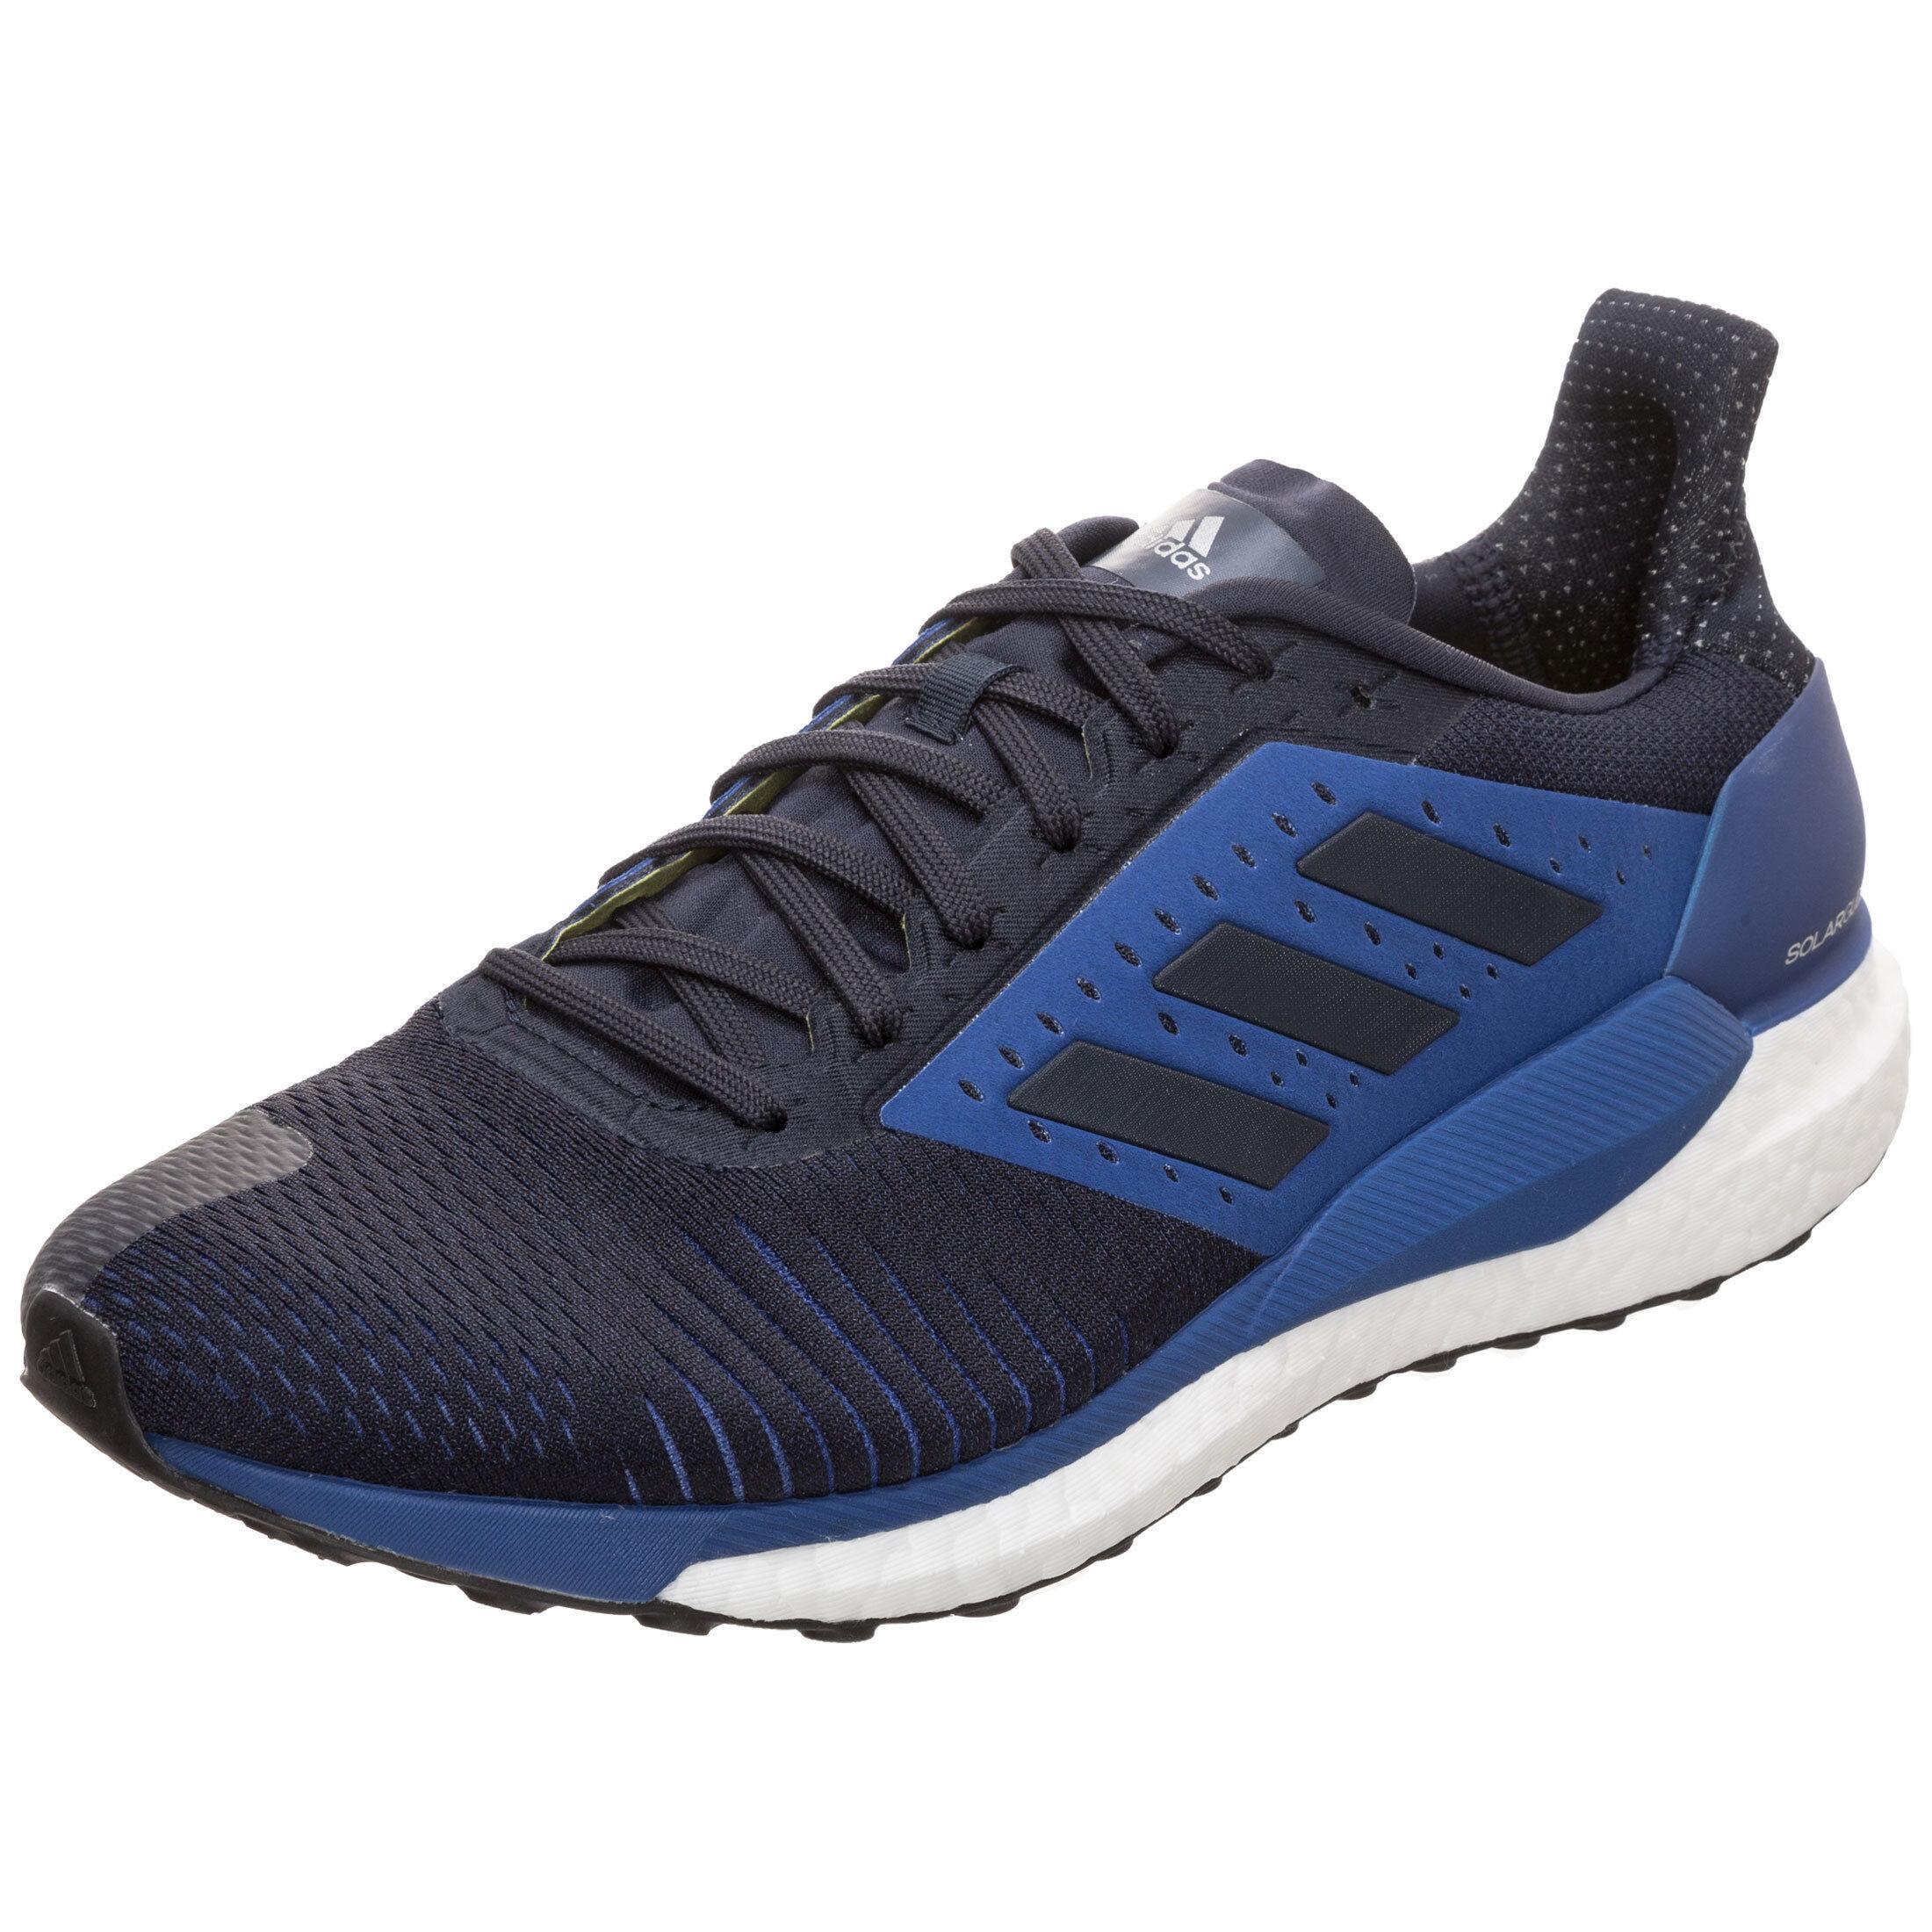 Road Schuhe kaufen adidas Performance | Laufschuhe bei OUTFITTER